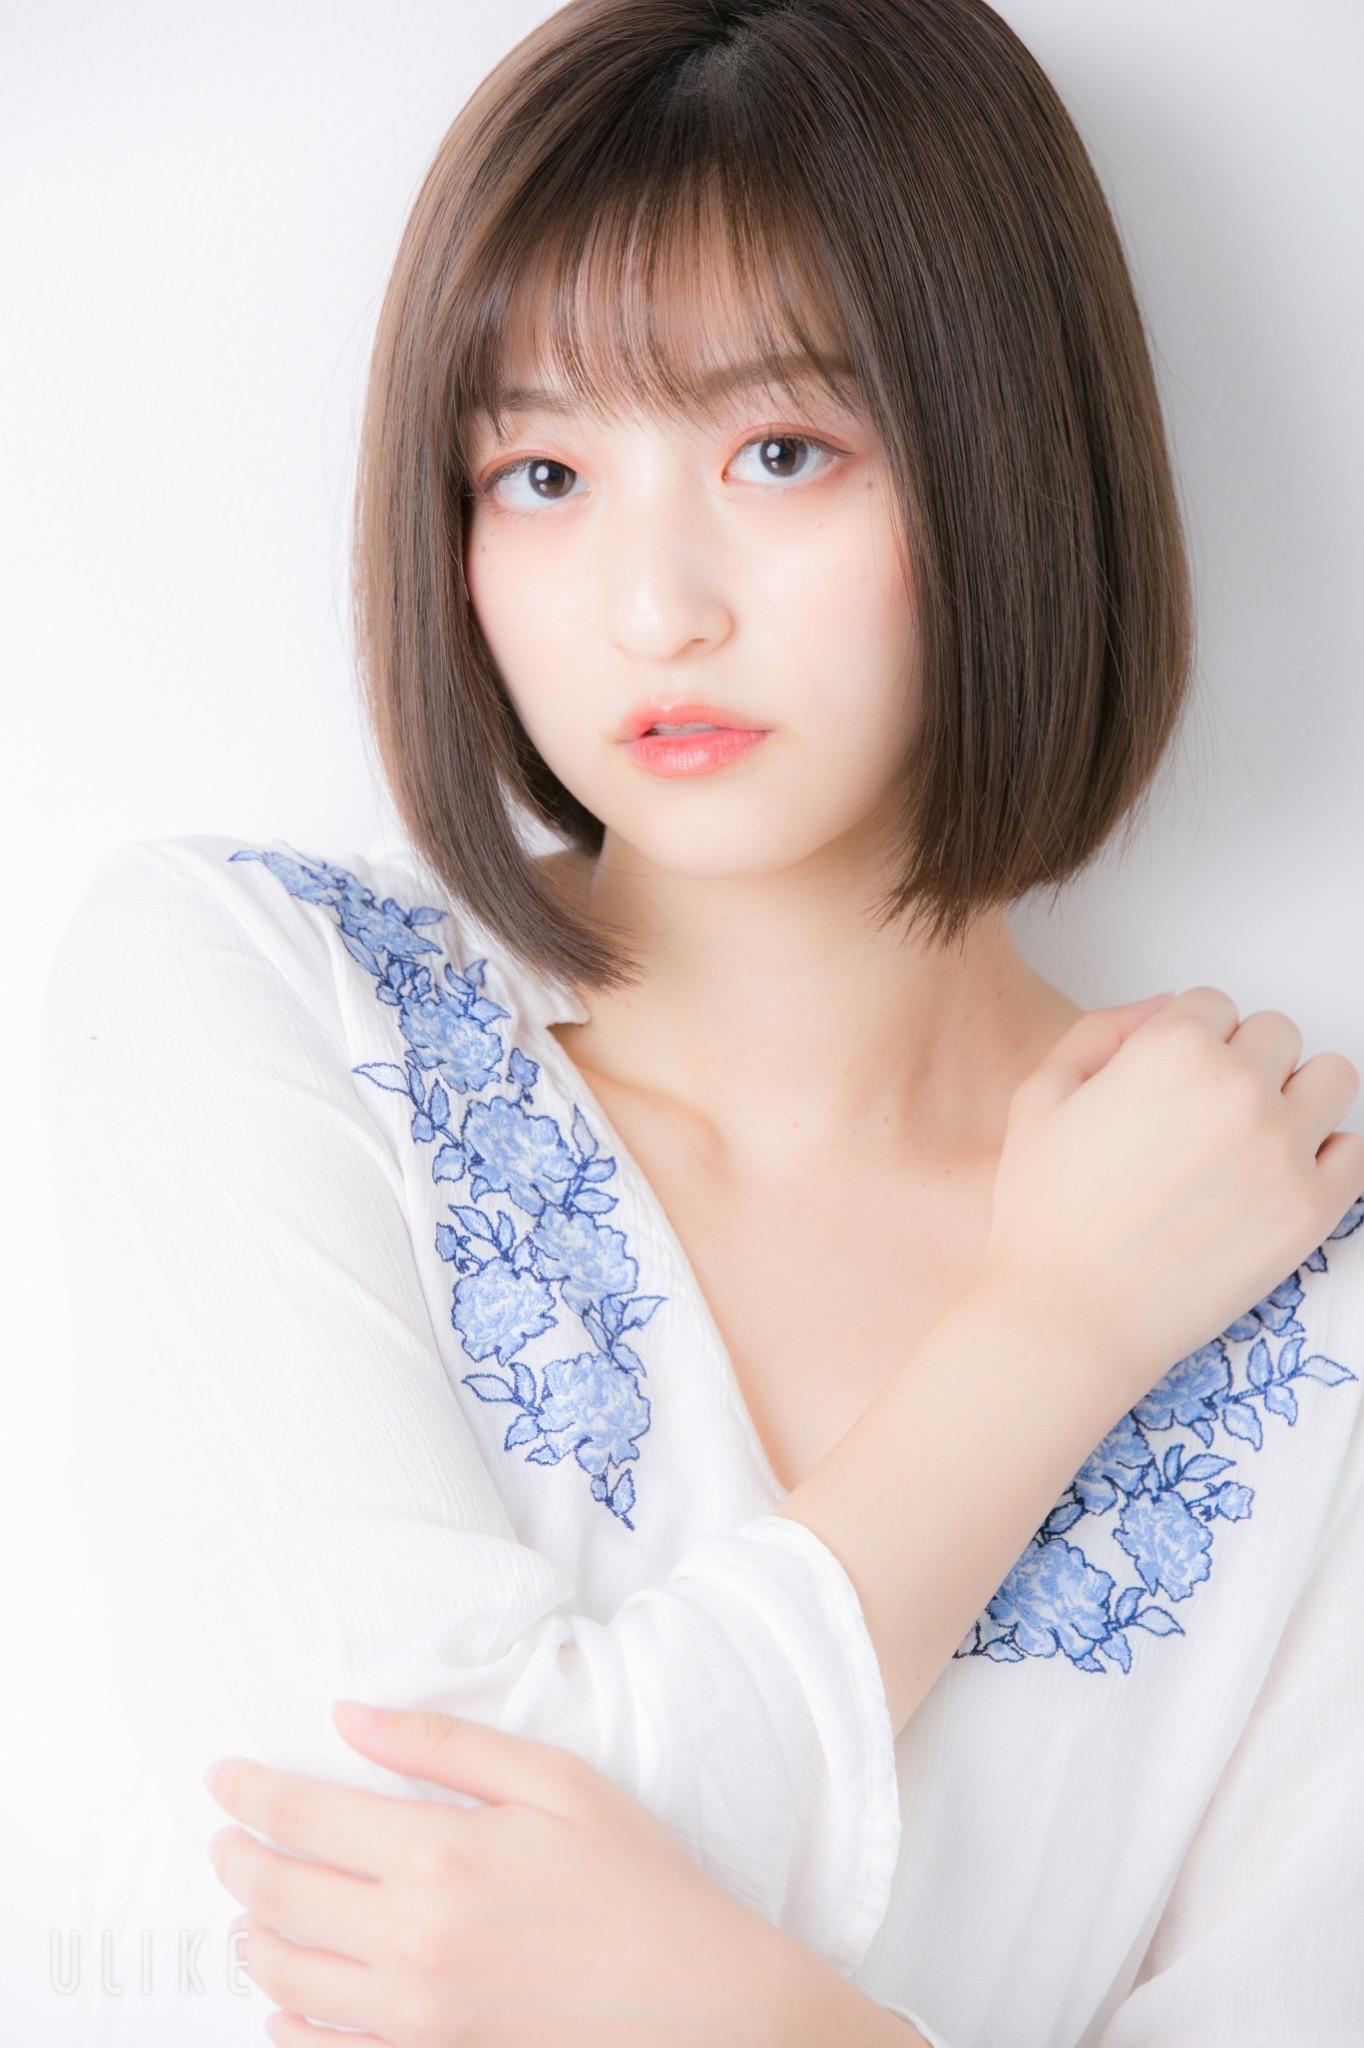 【Euphoria銀座本店】美シルエットストレートボブ☆斎藤